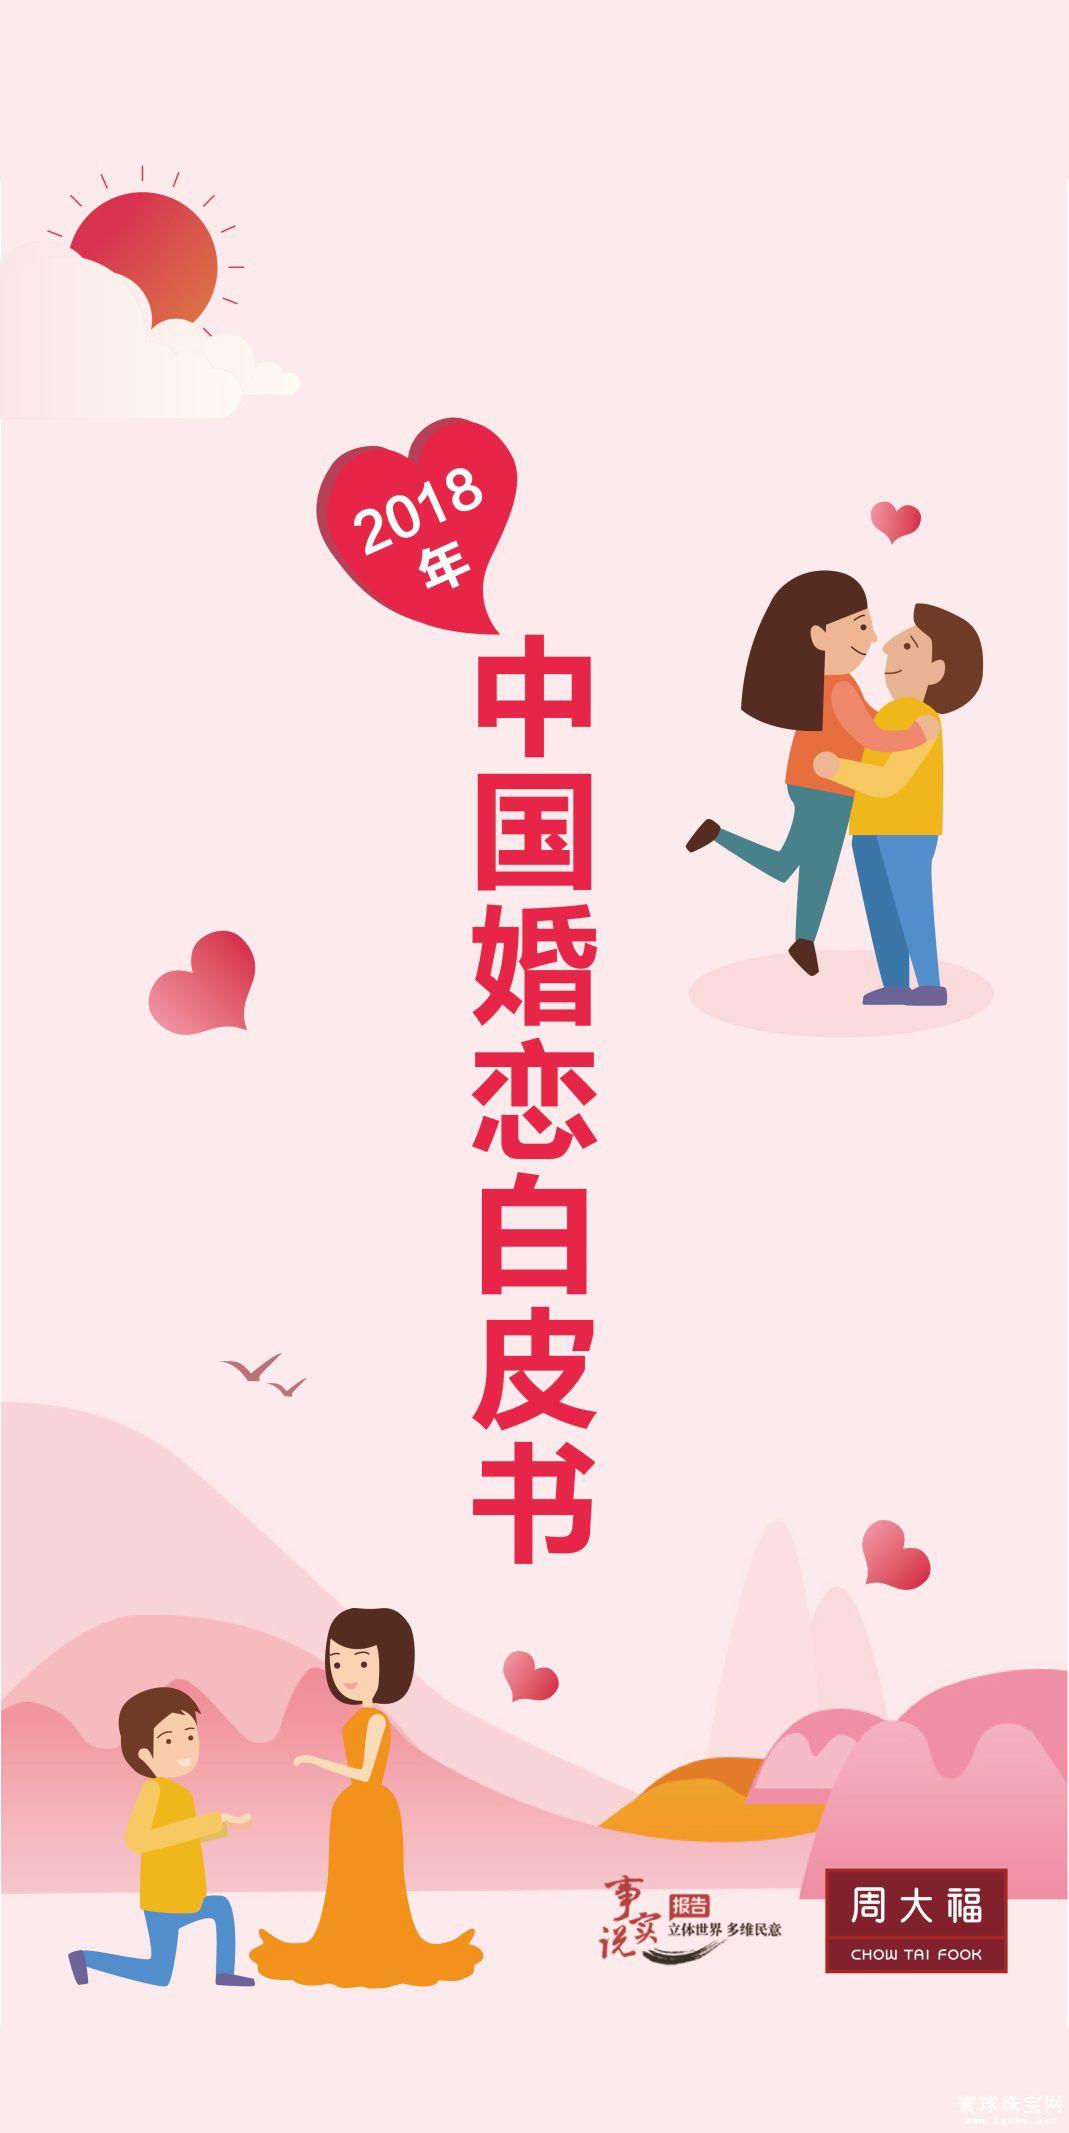 腾讯联合周大福出品《2018年中国婚恋白皮书》